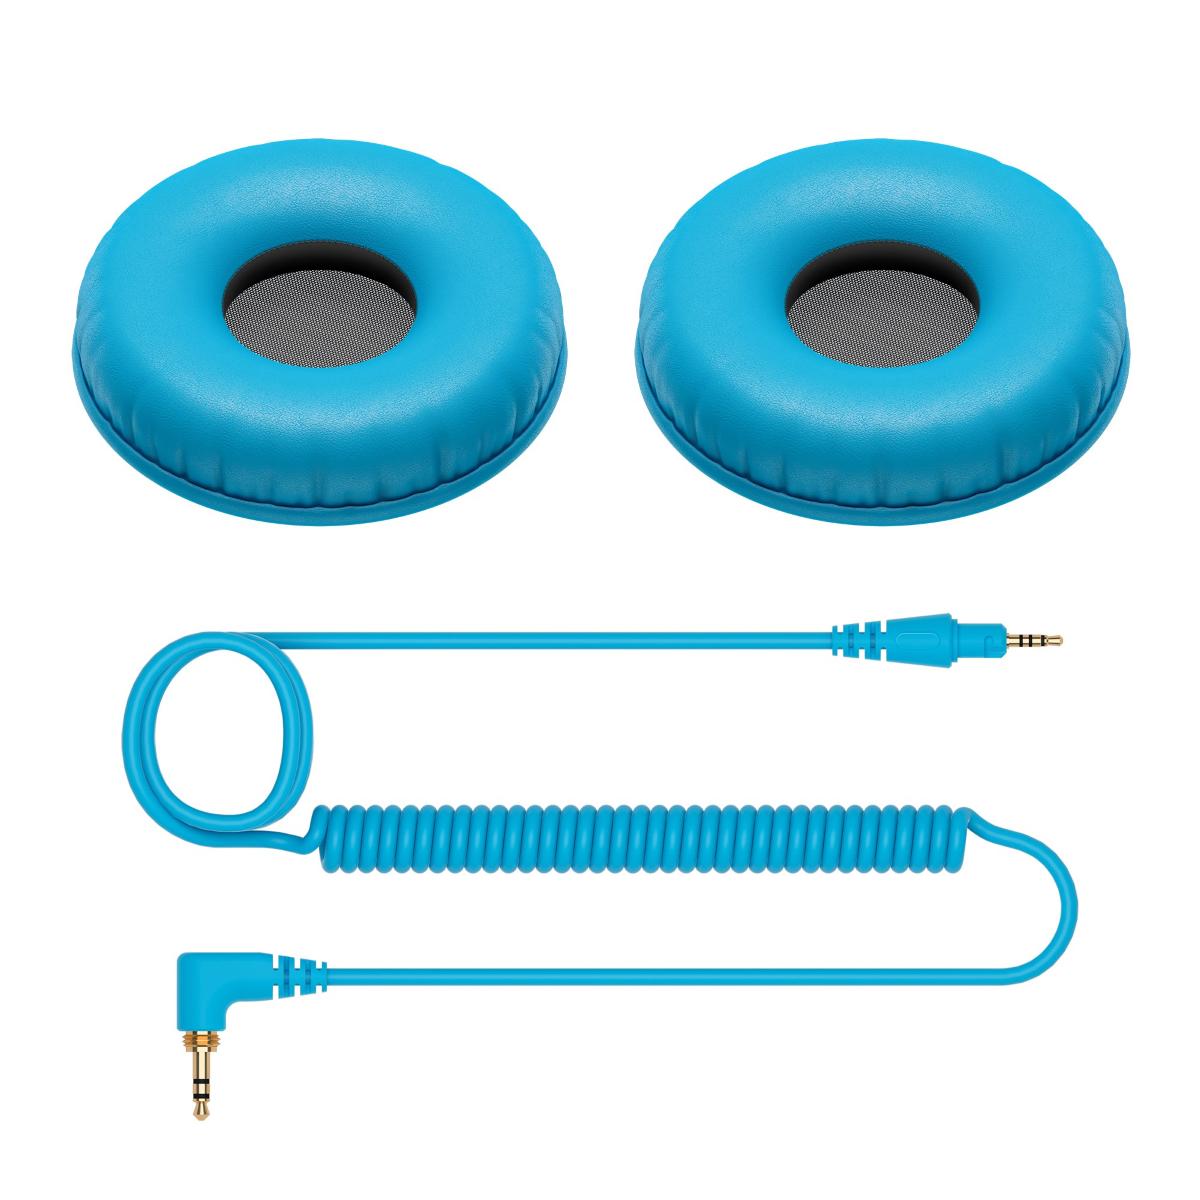 CAVO E EARPAD BLUE HC-CP08-L RICAMBIO PIONEER PER HDJ-CUE1